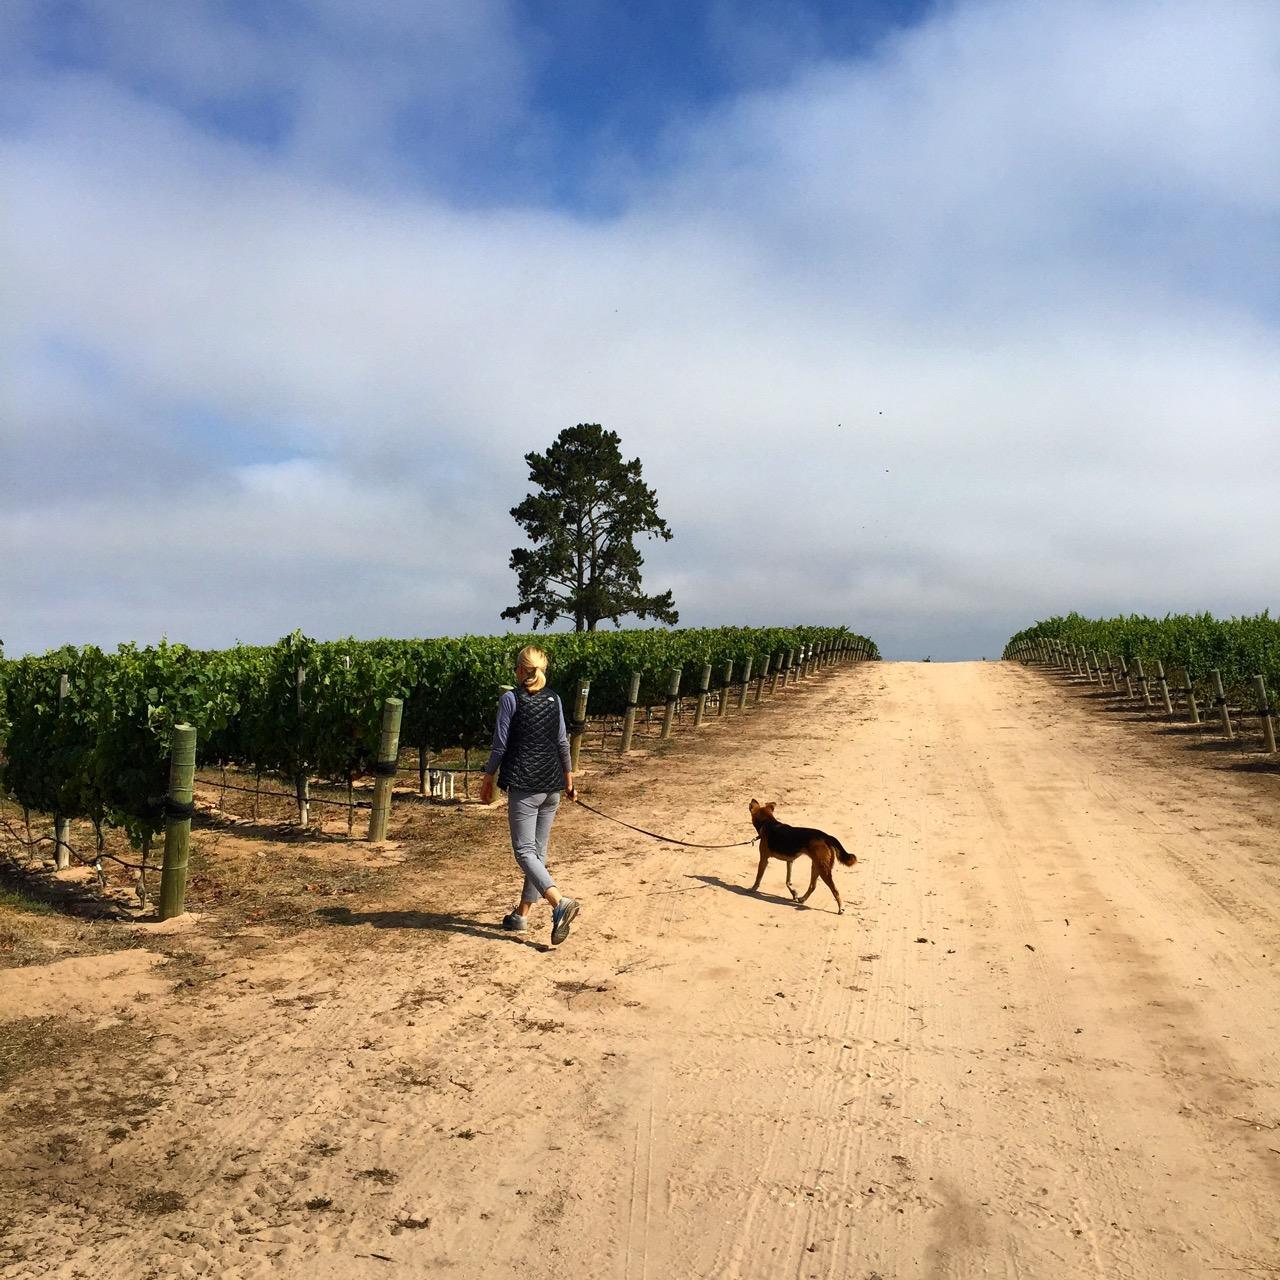 Amy & Bubbles at Presqu'ile Vineyard